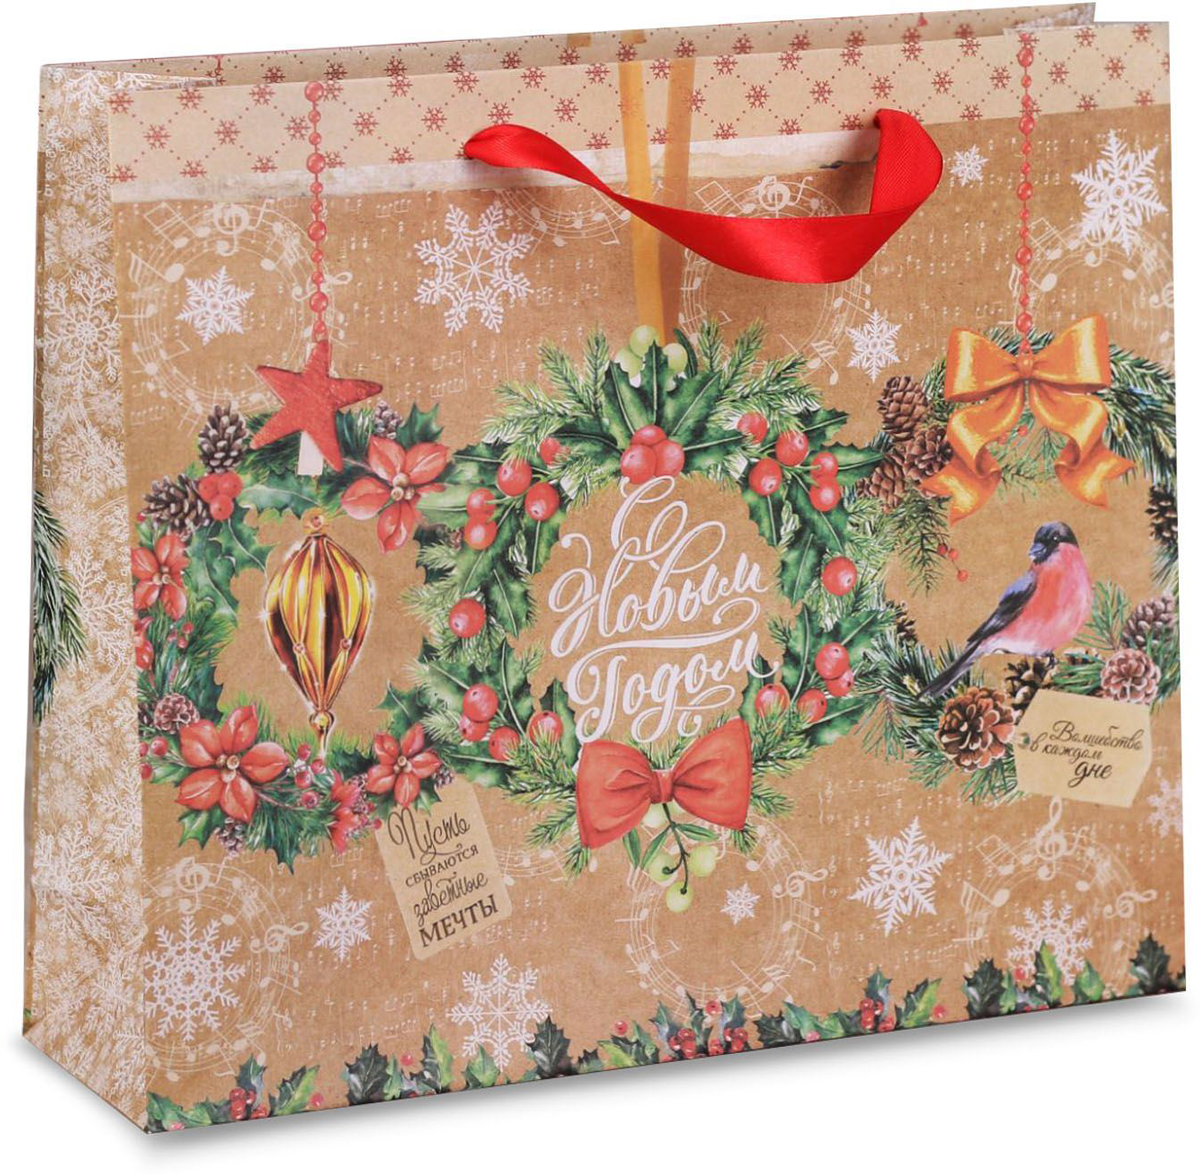 Пакет подарочный Дарите Счастье Пусть сбываются мечты, горизонтальный крафт, 23 х 18 х 8 см. 21242124Привлекательная упаковка послужит достойным украшением любого, даже самого скромного подарка. Она поможет создать интригу и продлить время предвкушения чуда - момента, когда презент окажется в руках адресата.Подарочный пакет Дарите Счастье Пусть сбываются мечты имеет яркий, оригинальный дизайн, который обязательно понравится получателю! Изделие выполнено из плотной крафтовой бумаги, благодаря чему обеспечит надёжную защиту содержимого. Размер: 23 х 18 х 8 см.